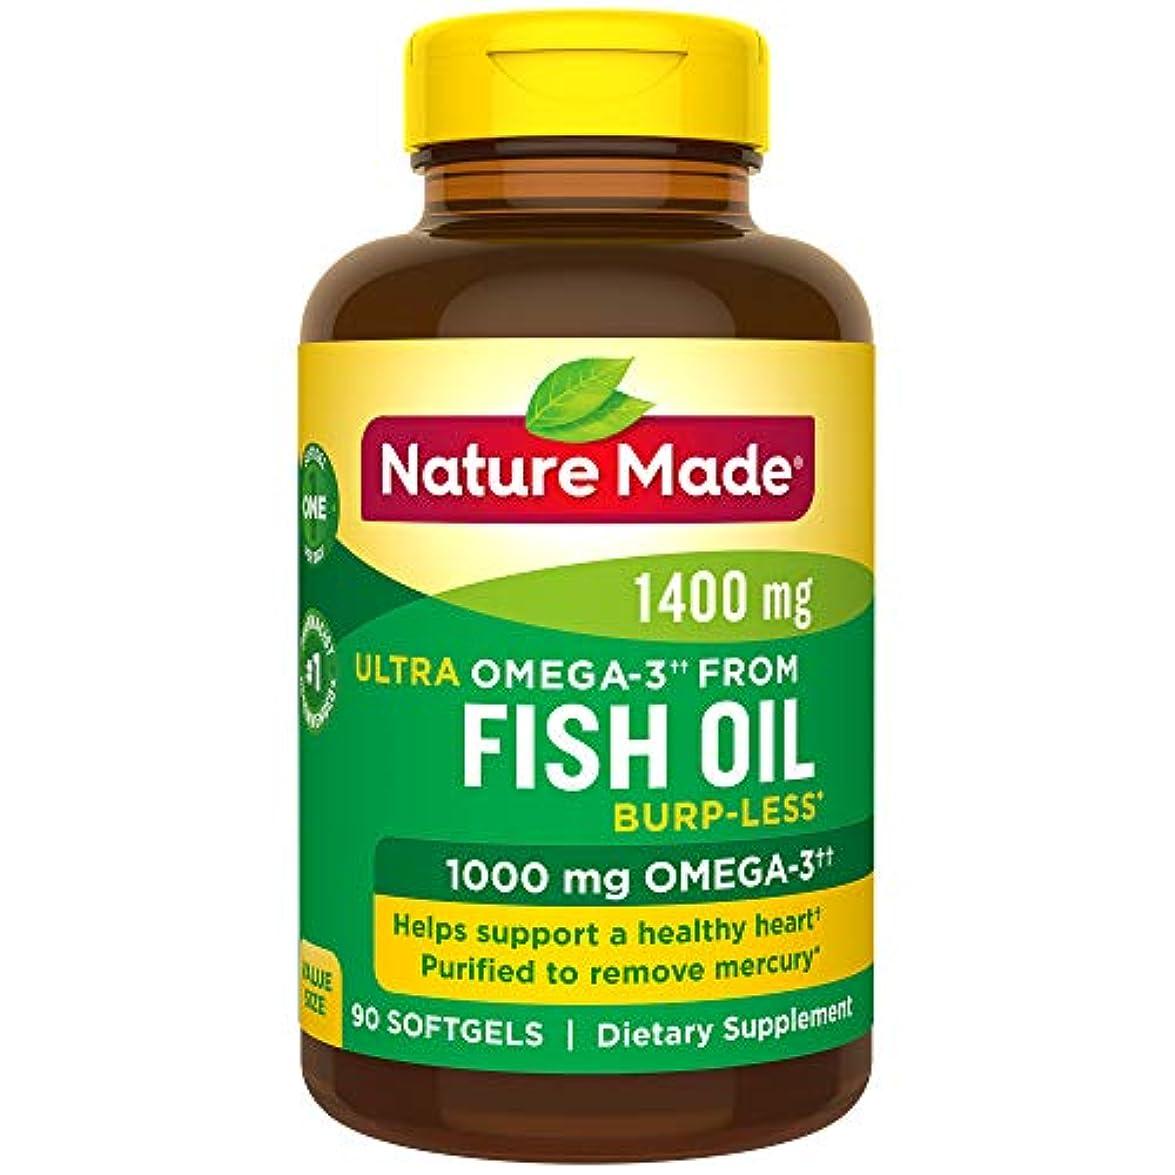 楕円形次遠いNature Made Ultra Omega-3 Fish Oil Value Size Softgel, 1400 mg, 90 Count 海外直送品